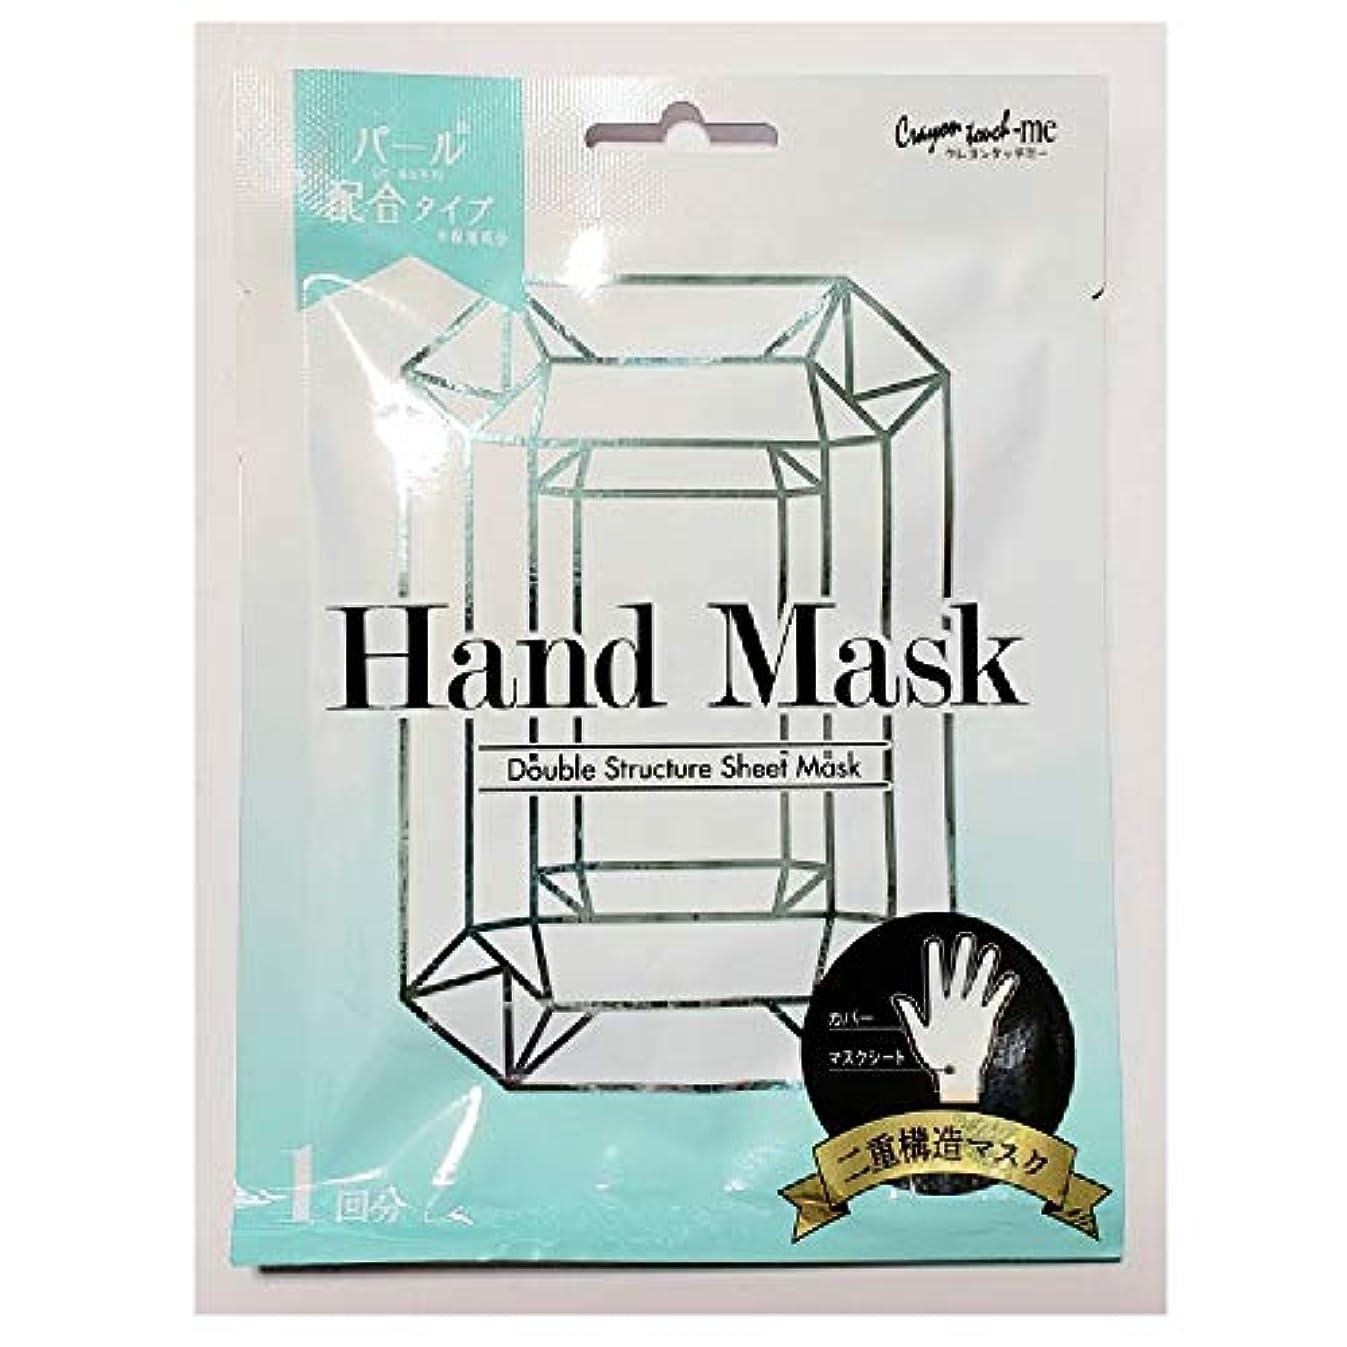 容器カブ化石ラッキートレンディ ダブル ストラクチャー シートマスク ハンドマスク パール配合タイプ